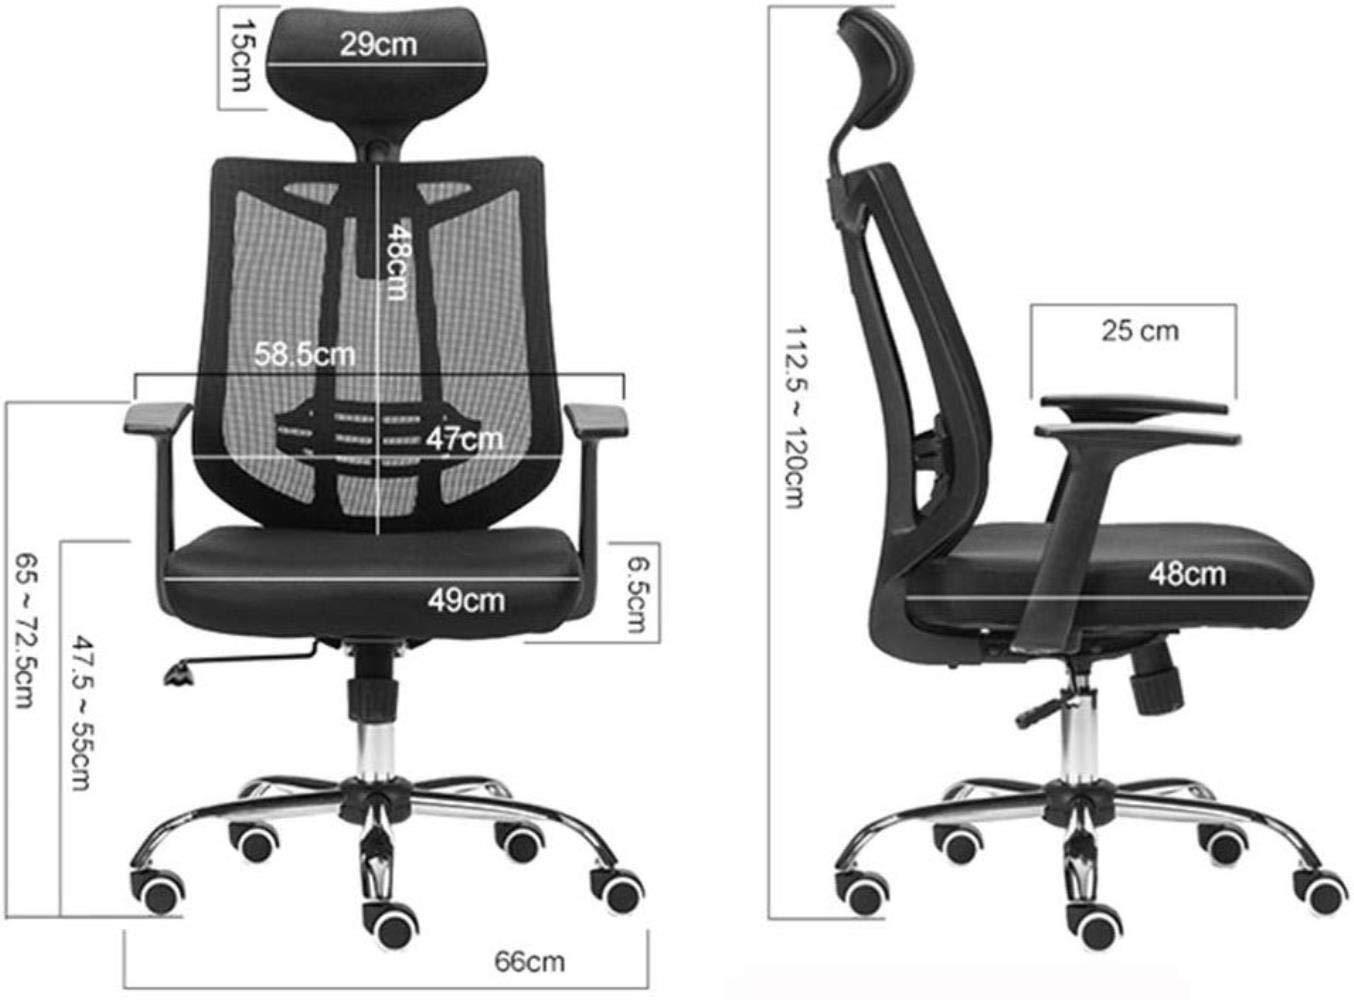 THBEIBEI Swivel kontorsstol spelstol datorstol hem arbetsrum kontorsstol hög rygg andningsbar nät justerbart nackstöd lounge stol bärande vikt 150 kg (färg: grå) Svart